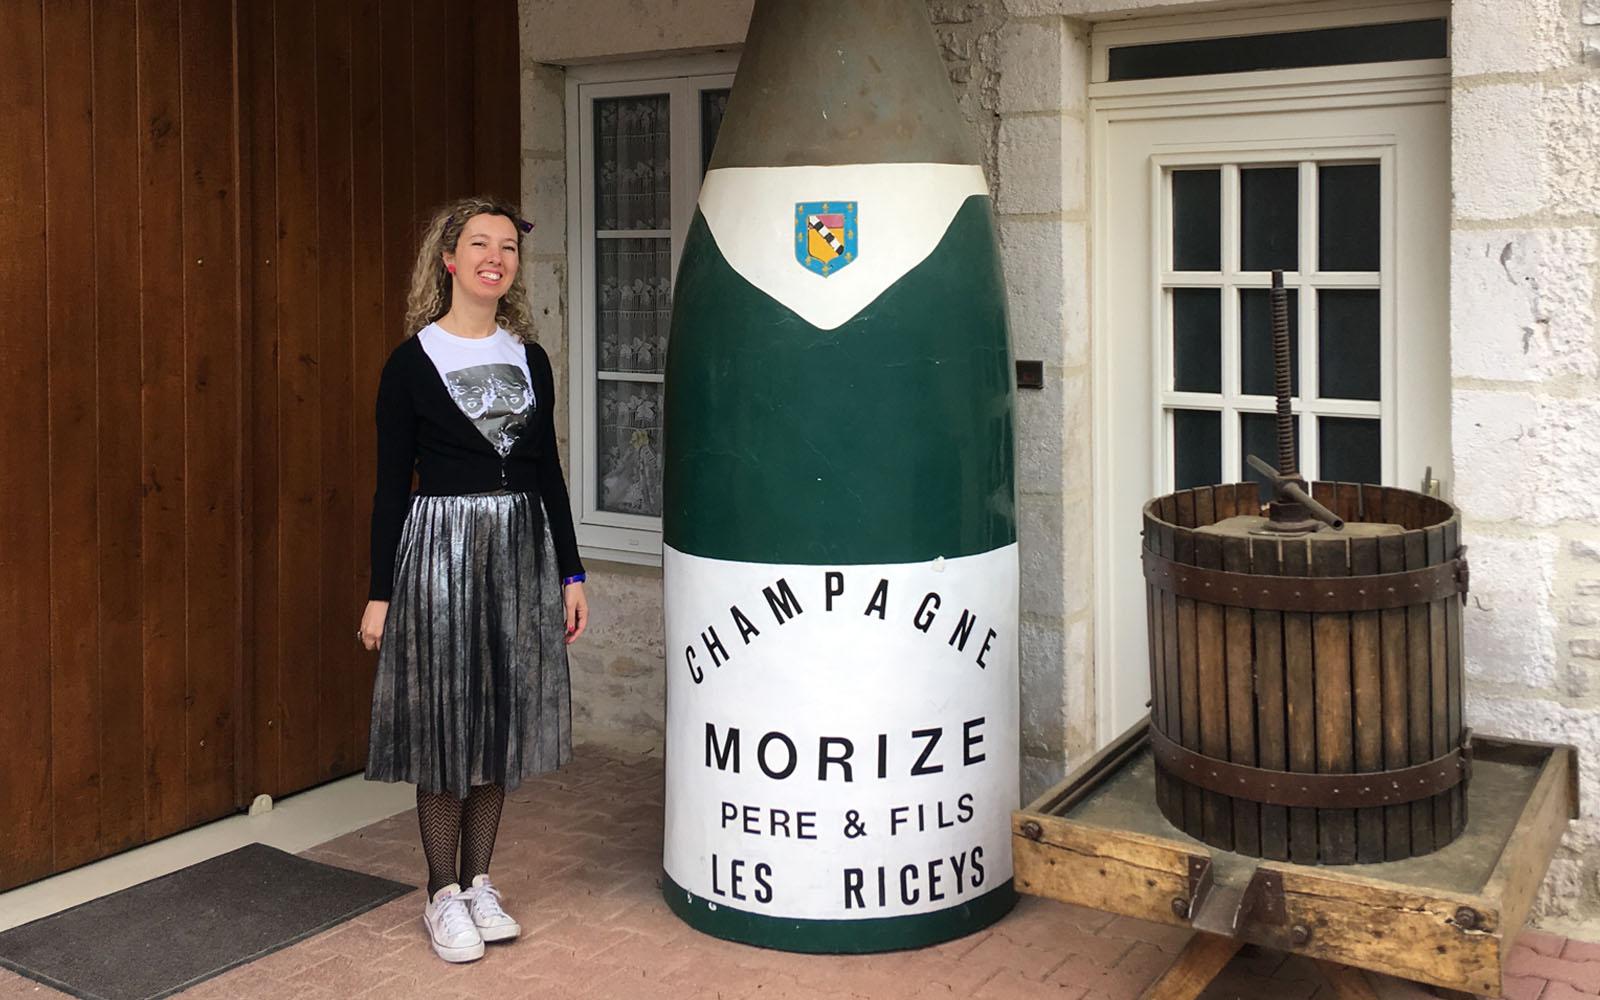 All'ingresso della cantina di Morize, nell'Aube.